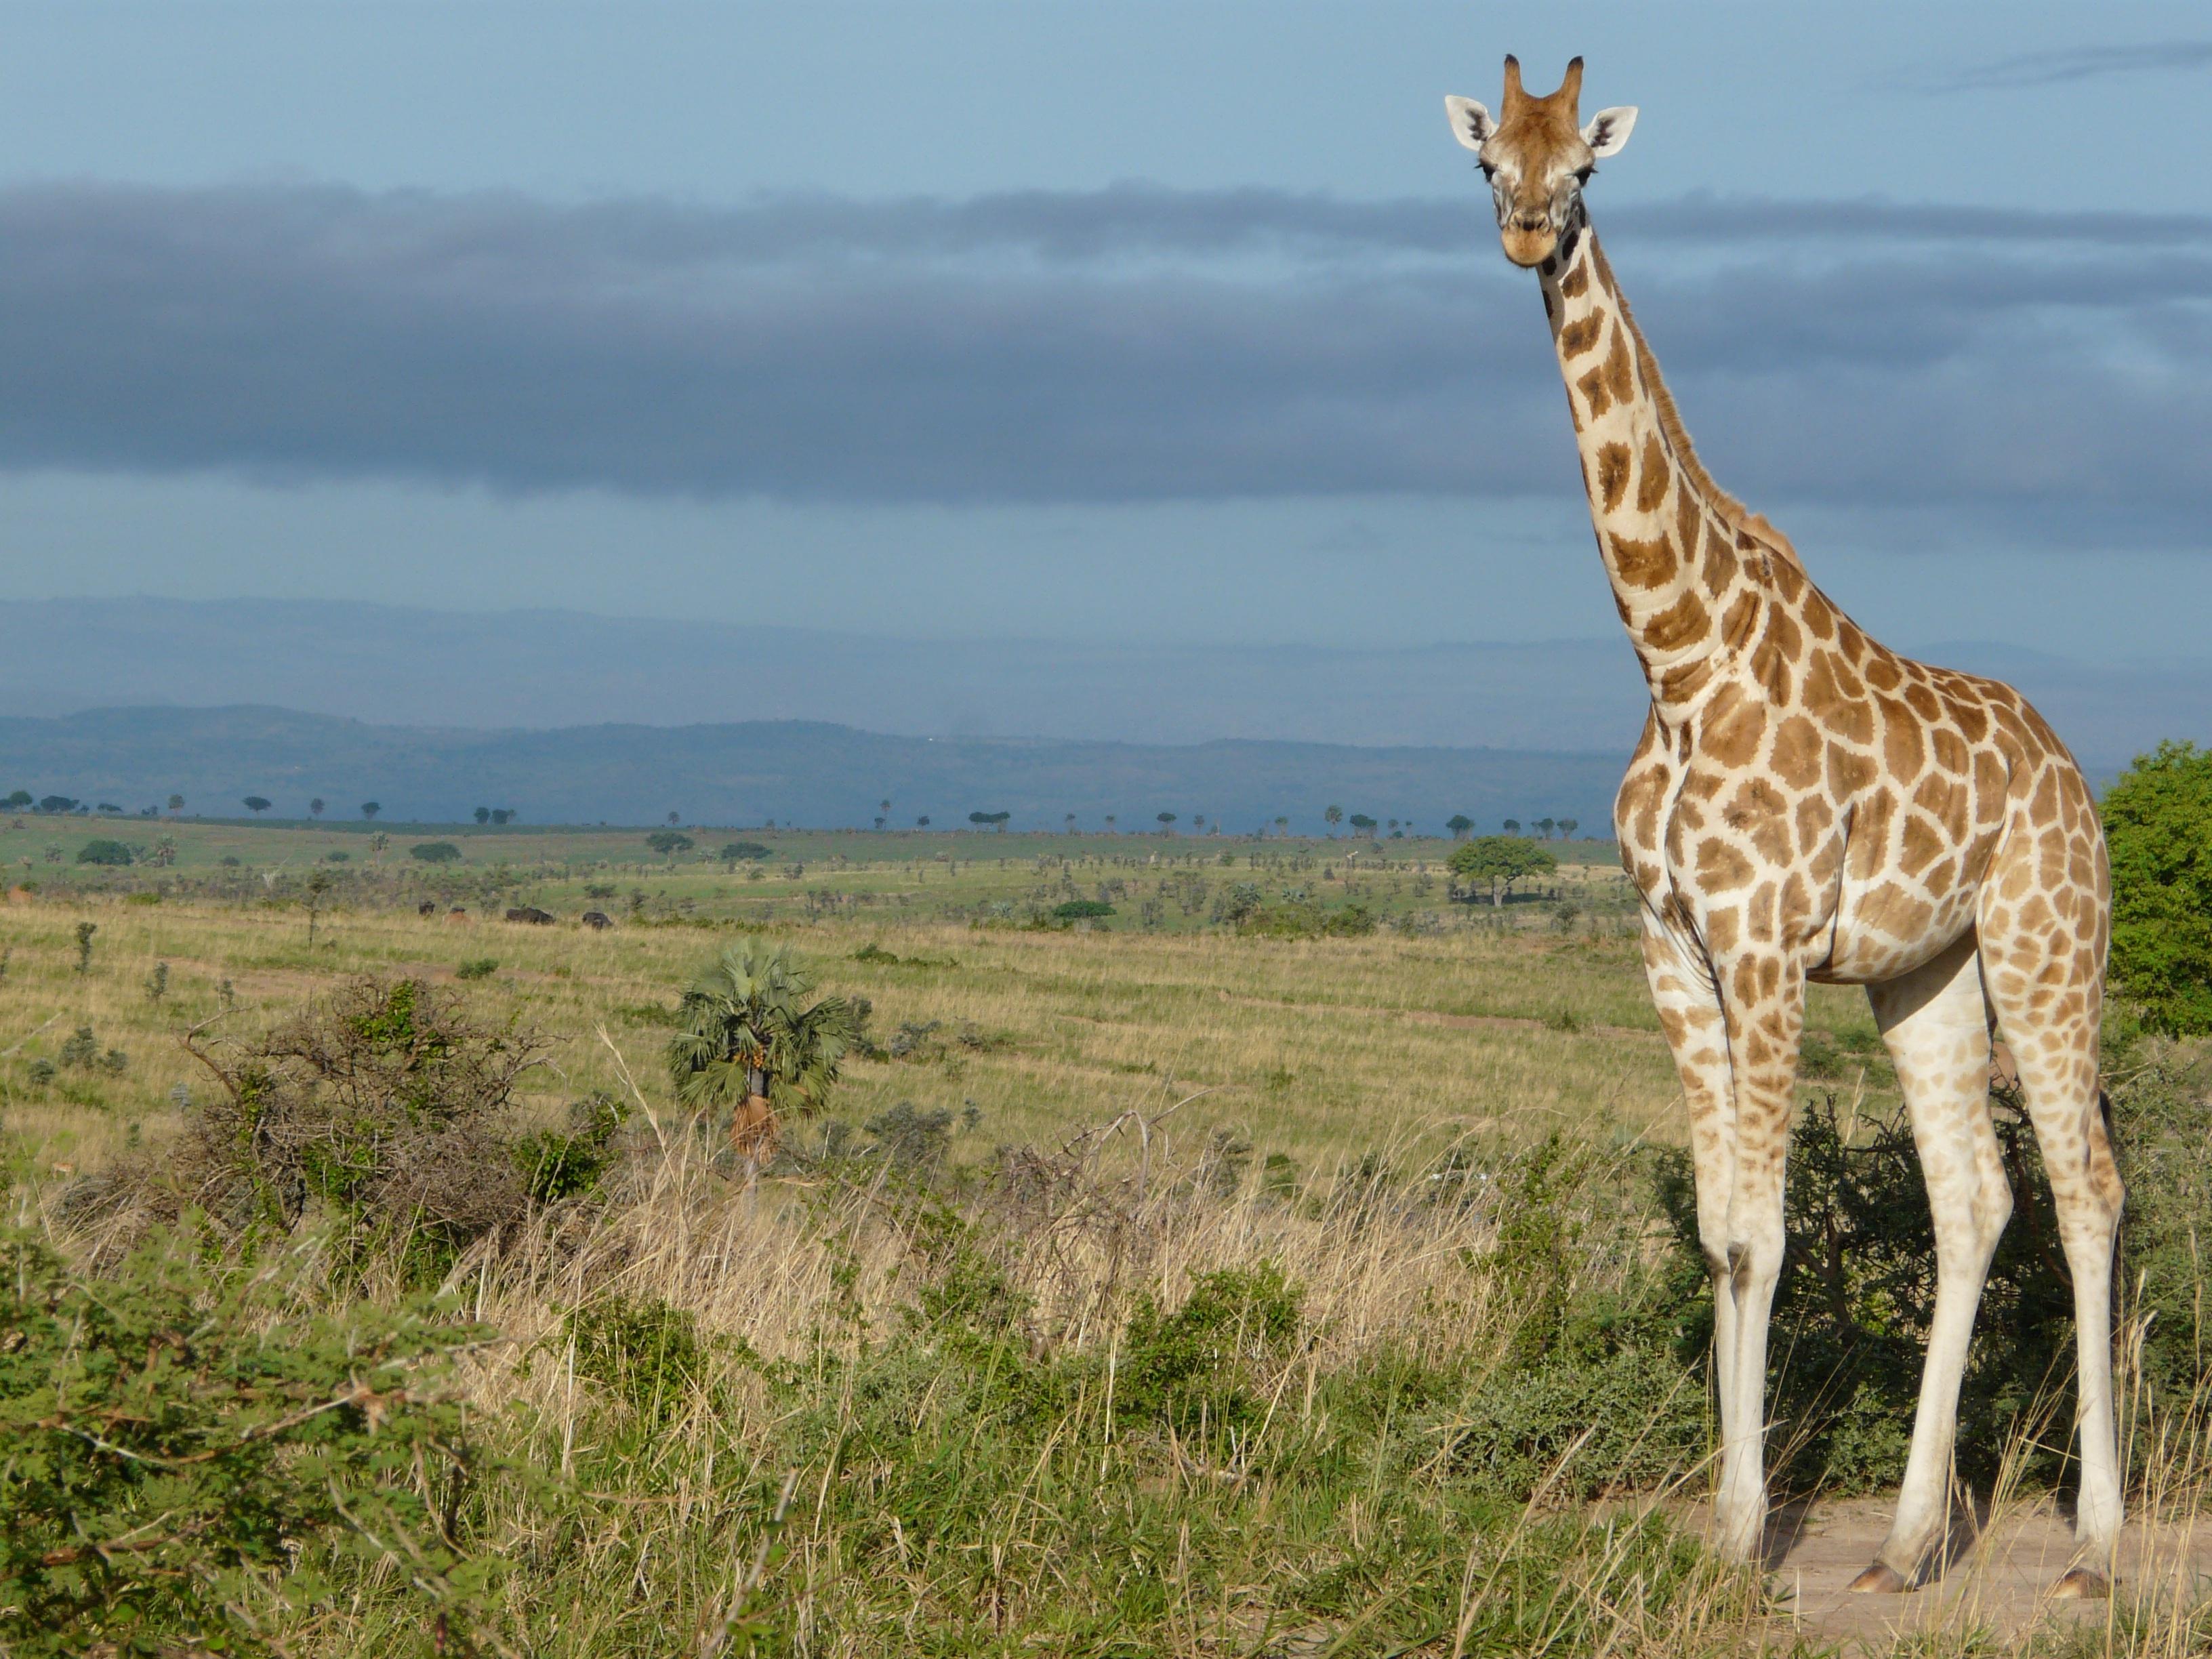 красивые ые жирафы саванн